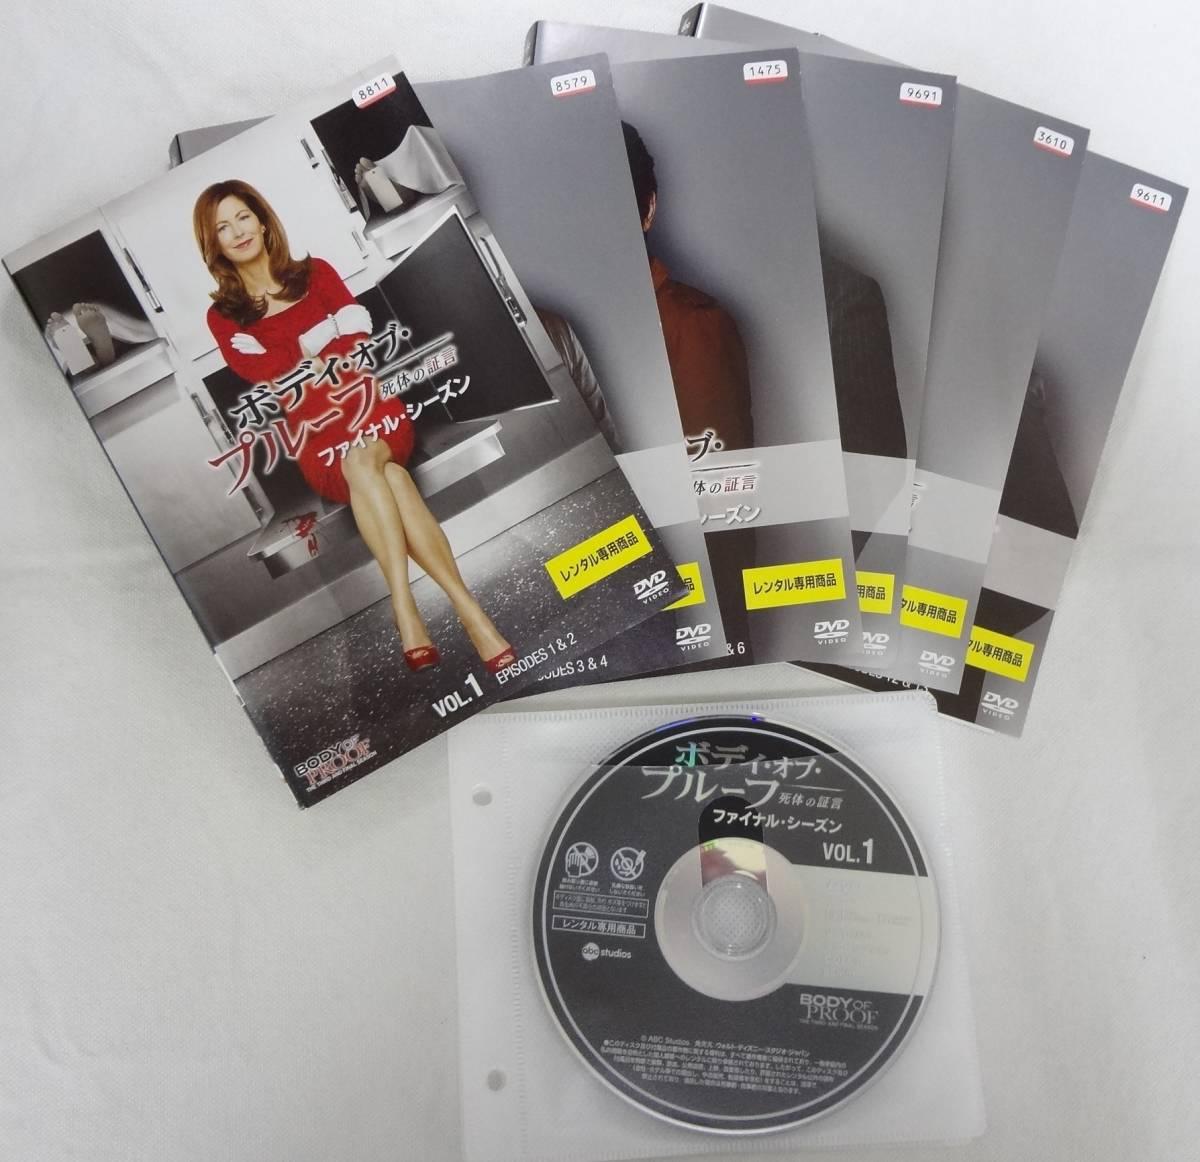 送料無料 レンタル落ち中古DVD ボディ・オブ・プルーフ 死の証言 ファイナル・シーズン 全6巻セット